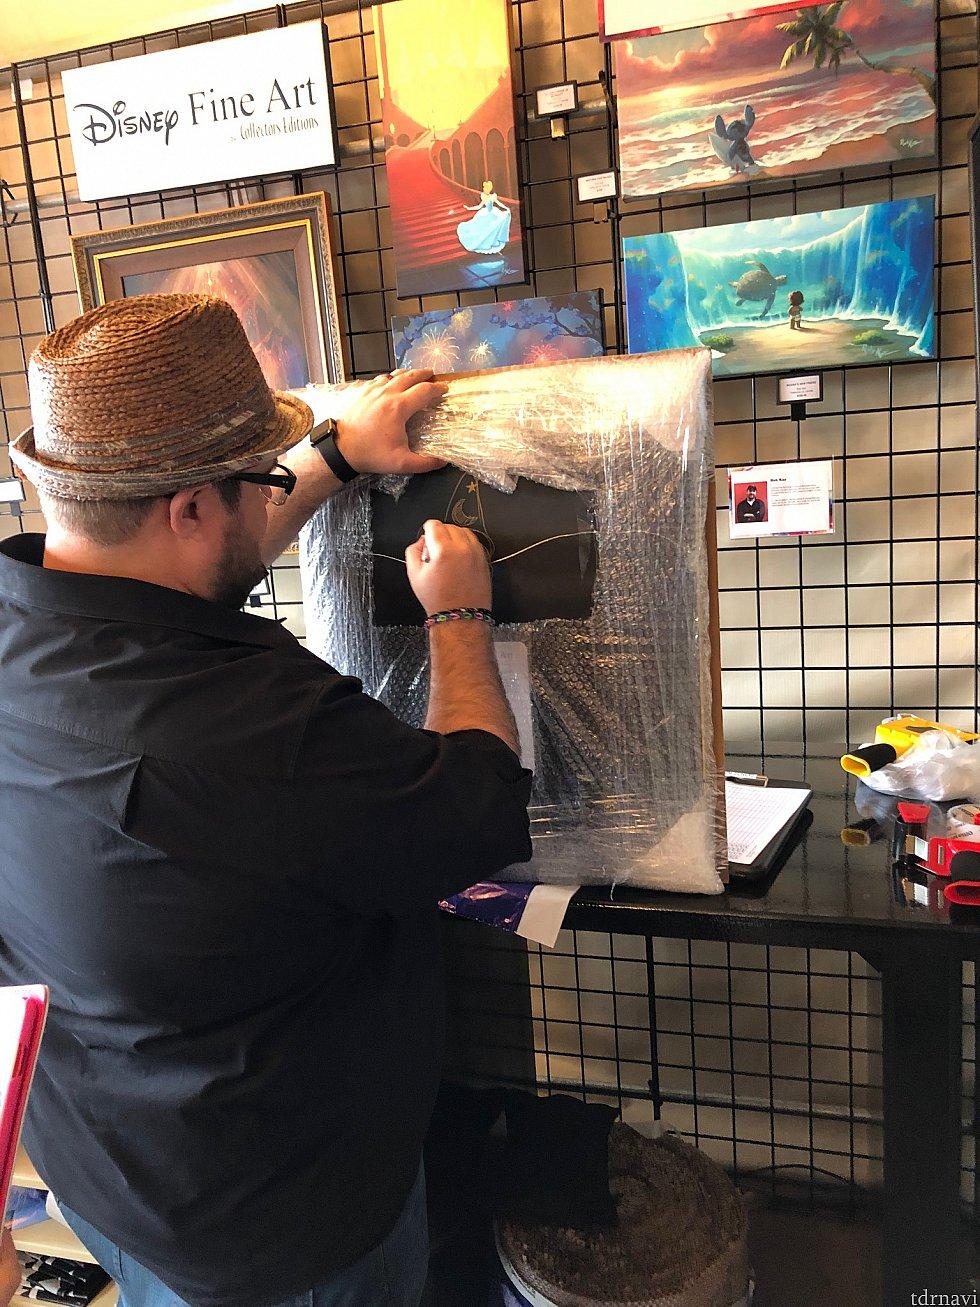 沢山のアーティスト達がスタンバイしていて、購入した作品にサインを入れてもらえるのは、このイベントの醍醐味。アーティストによっては、ディズニーキャラクターをサインと共に入れてくれたりもします。このTimさんは、毎年お会いしますが、本当に親切で優しい方です。